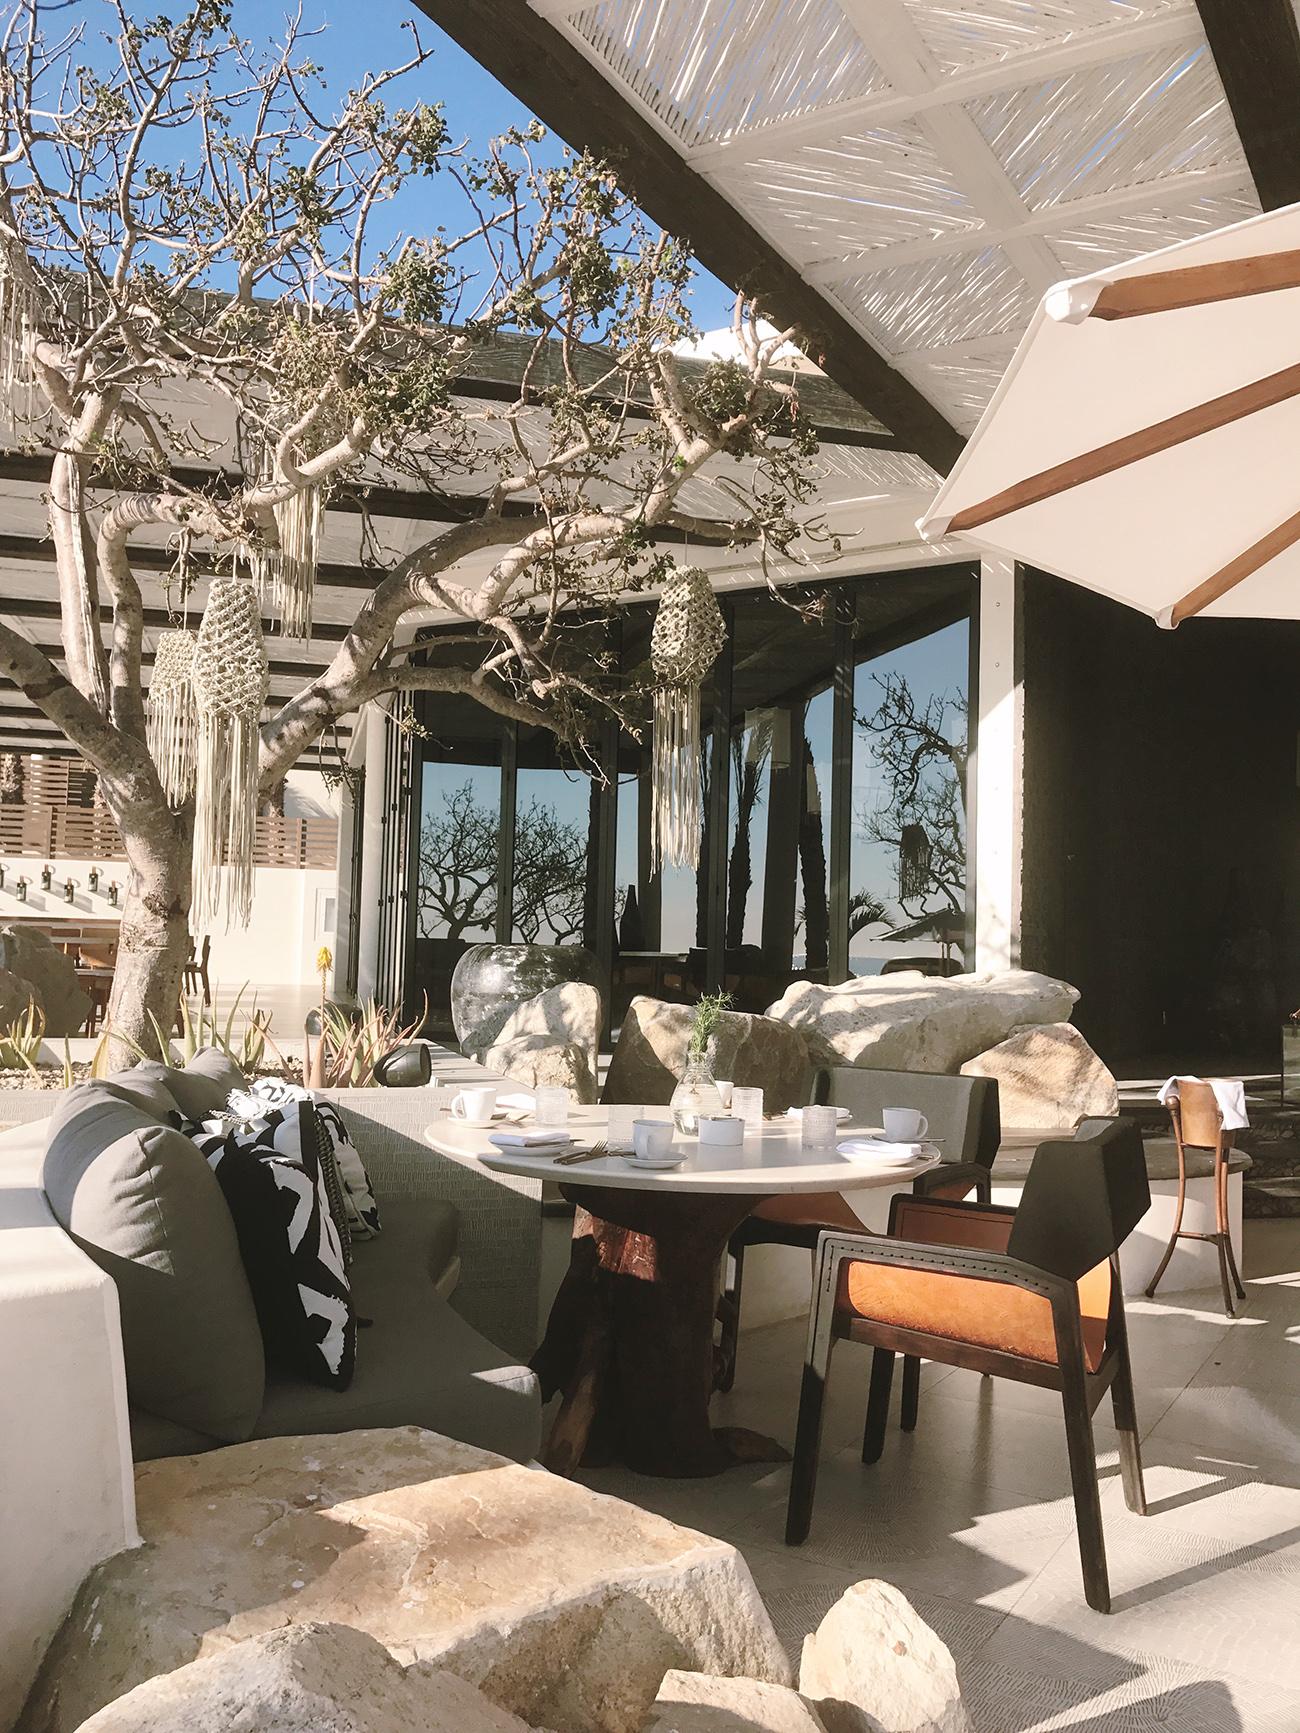 Comel at Chileno Bay Resort in Cabo